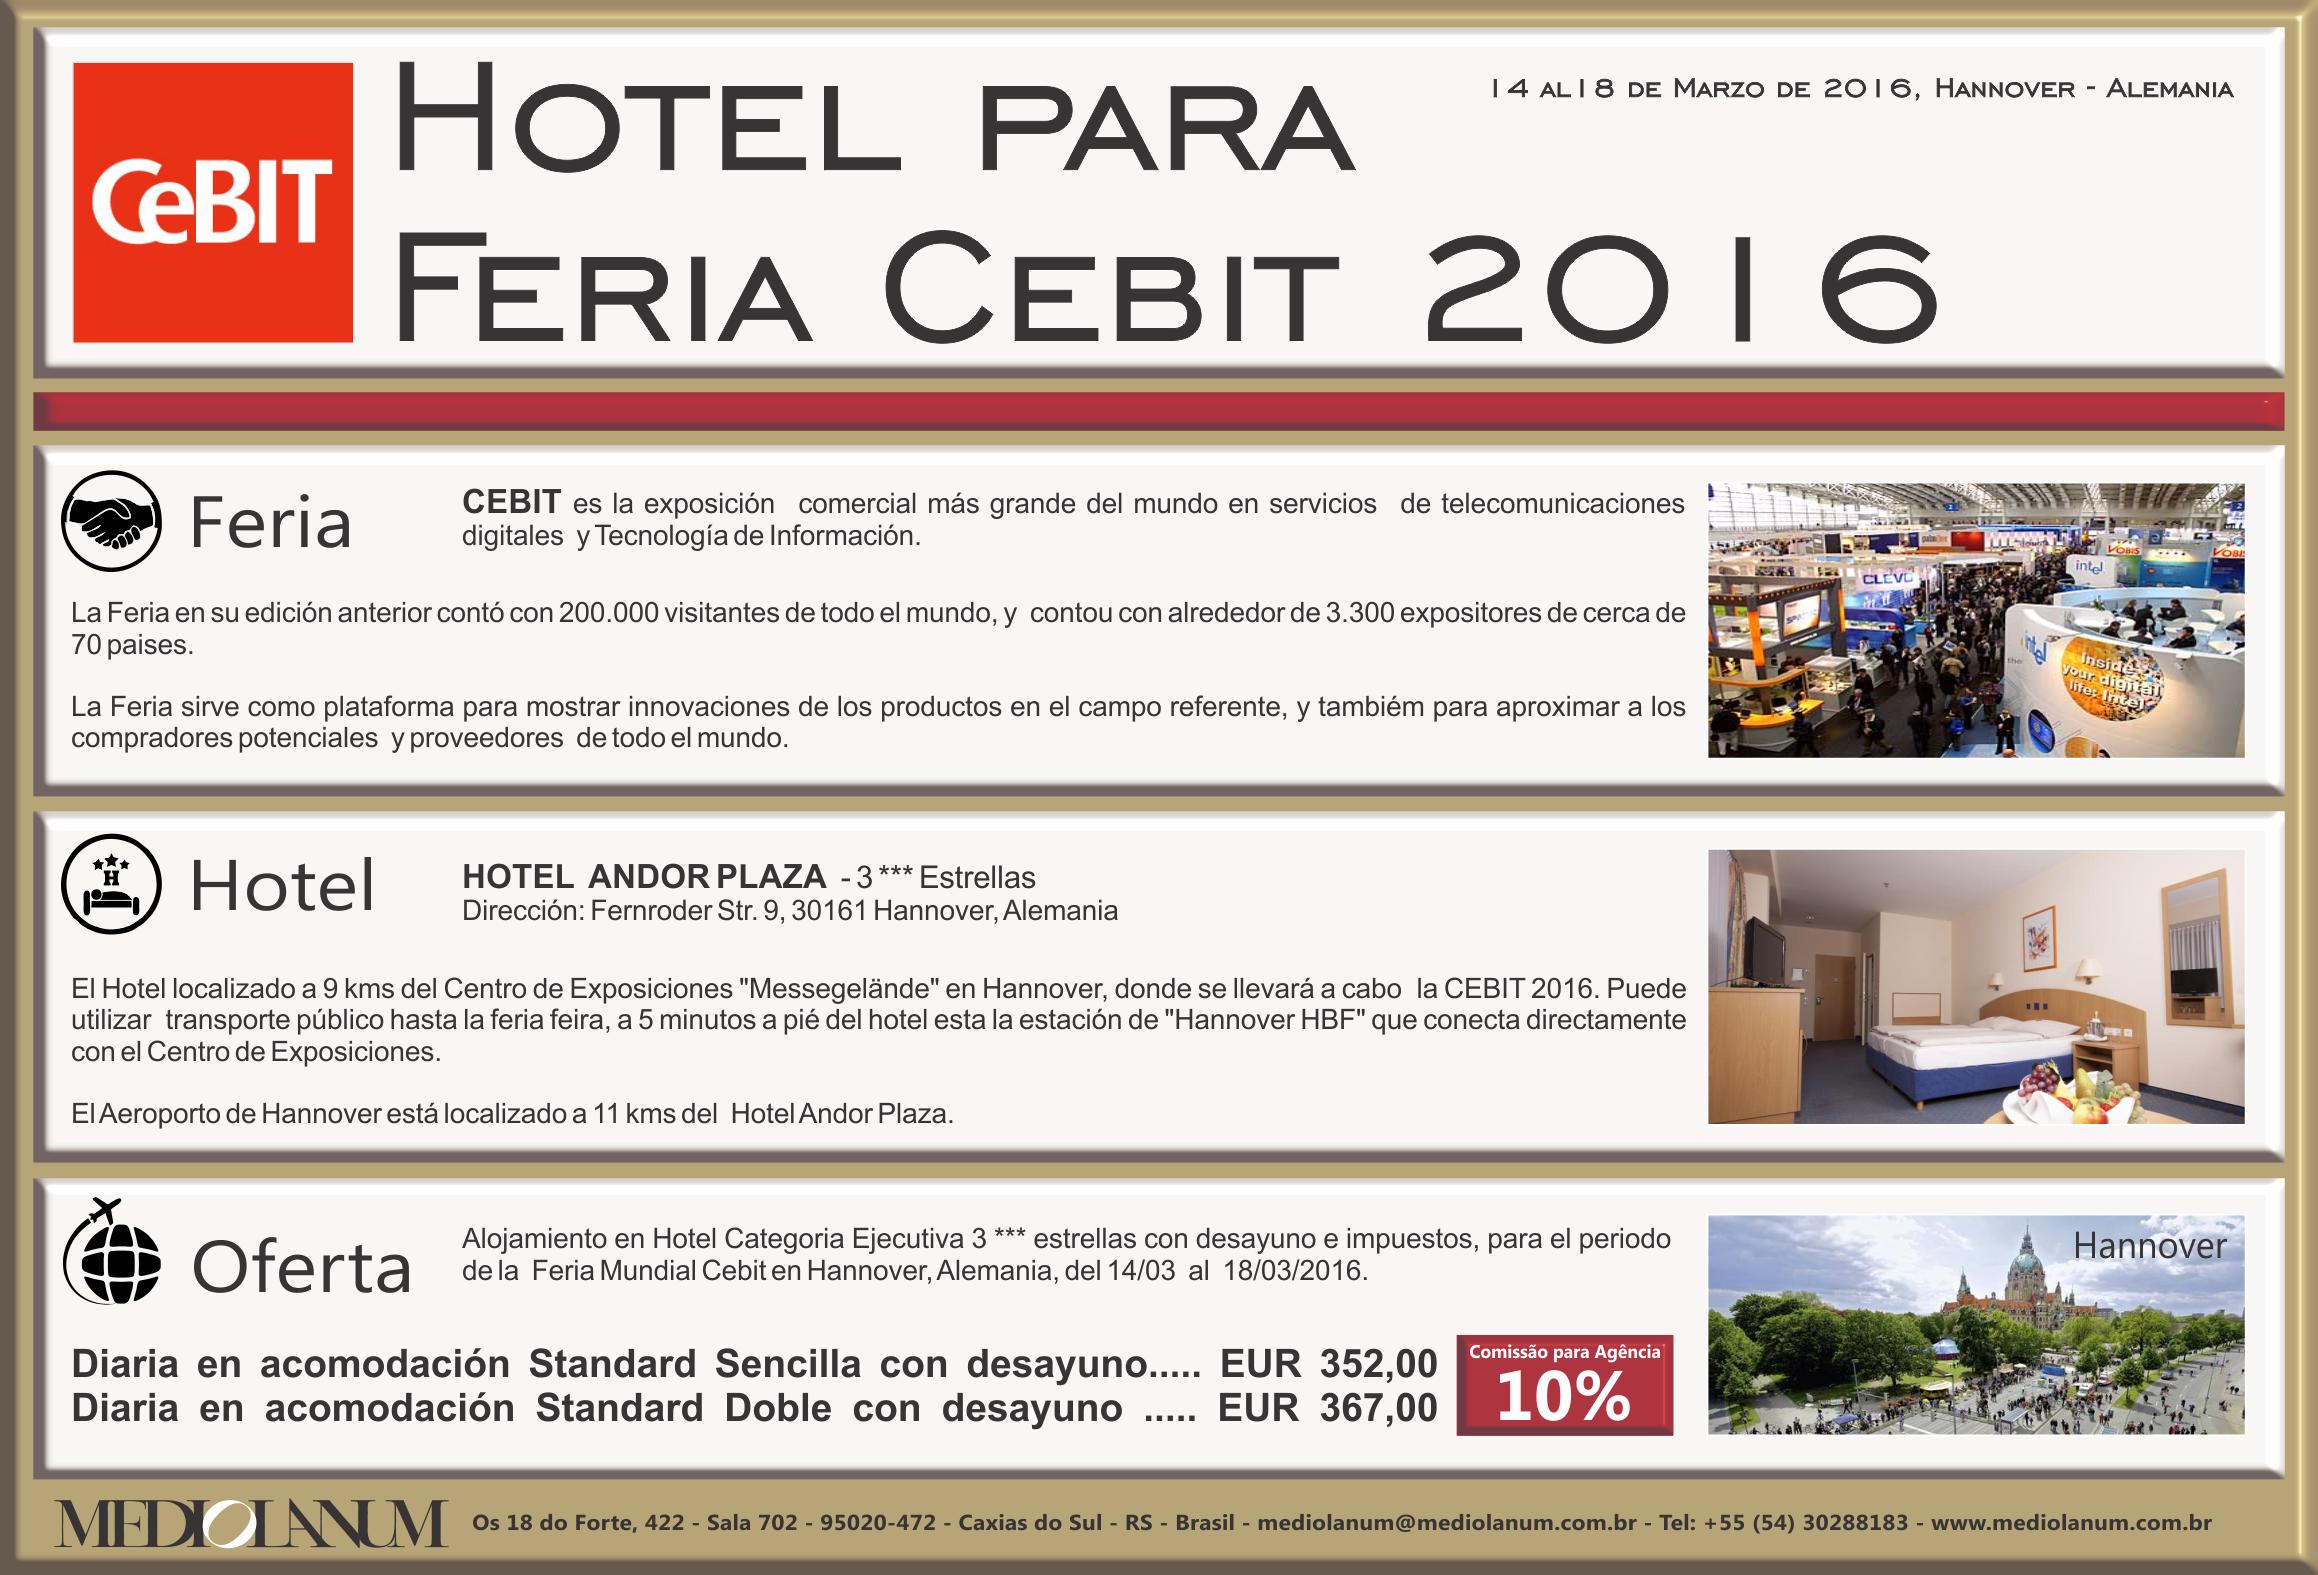 Cebit_2016_Hoteleria_Español